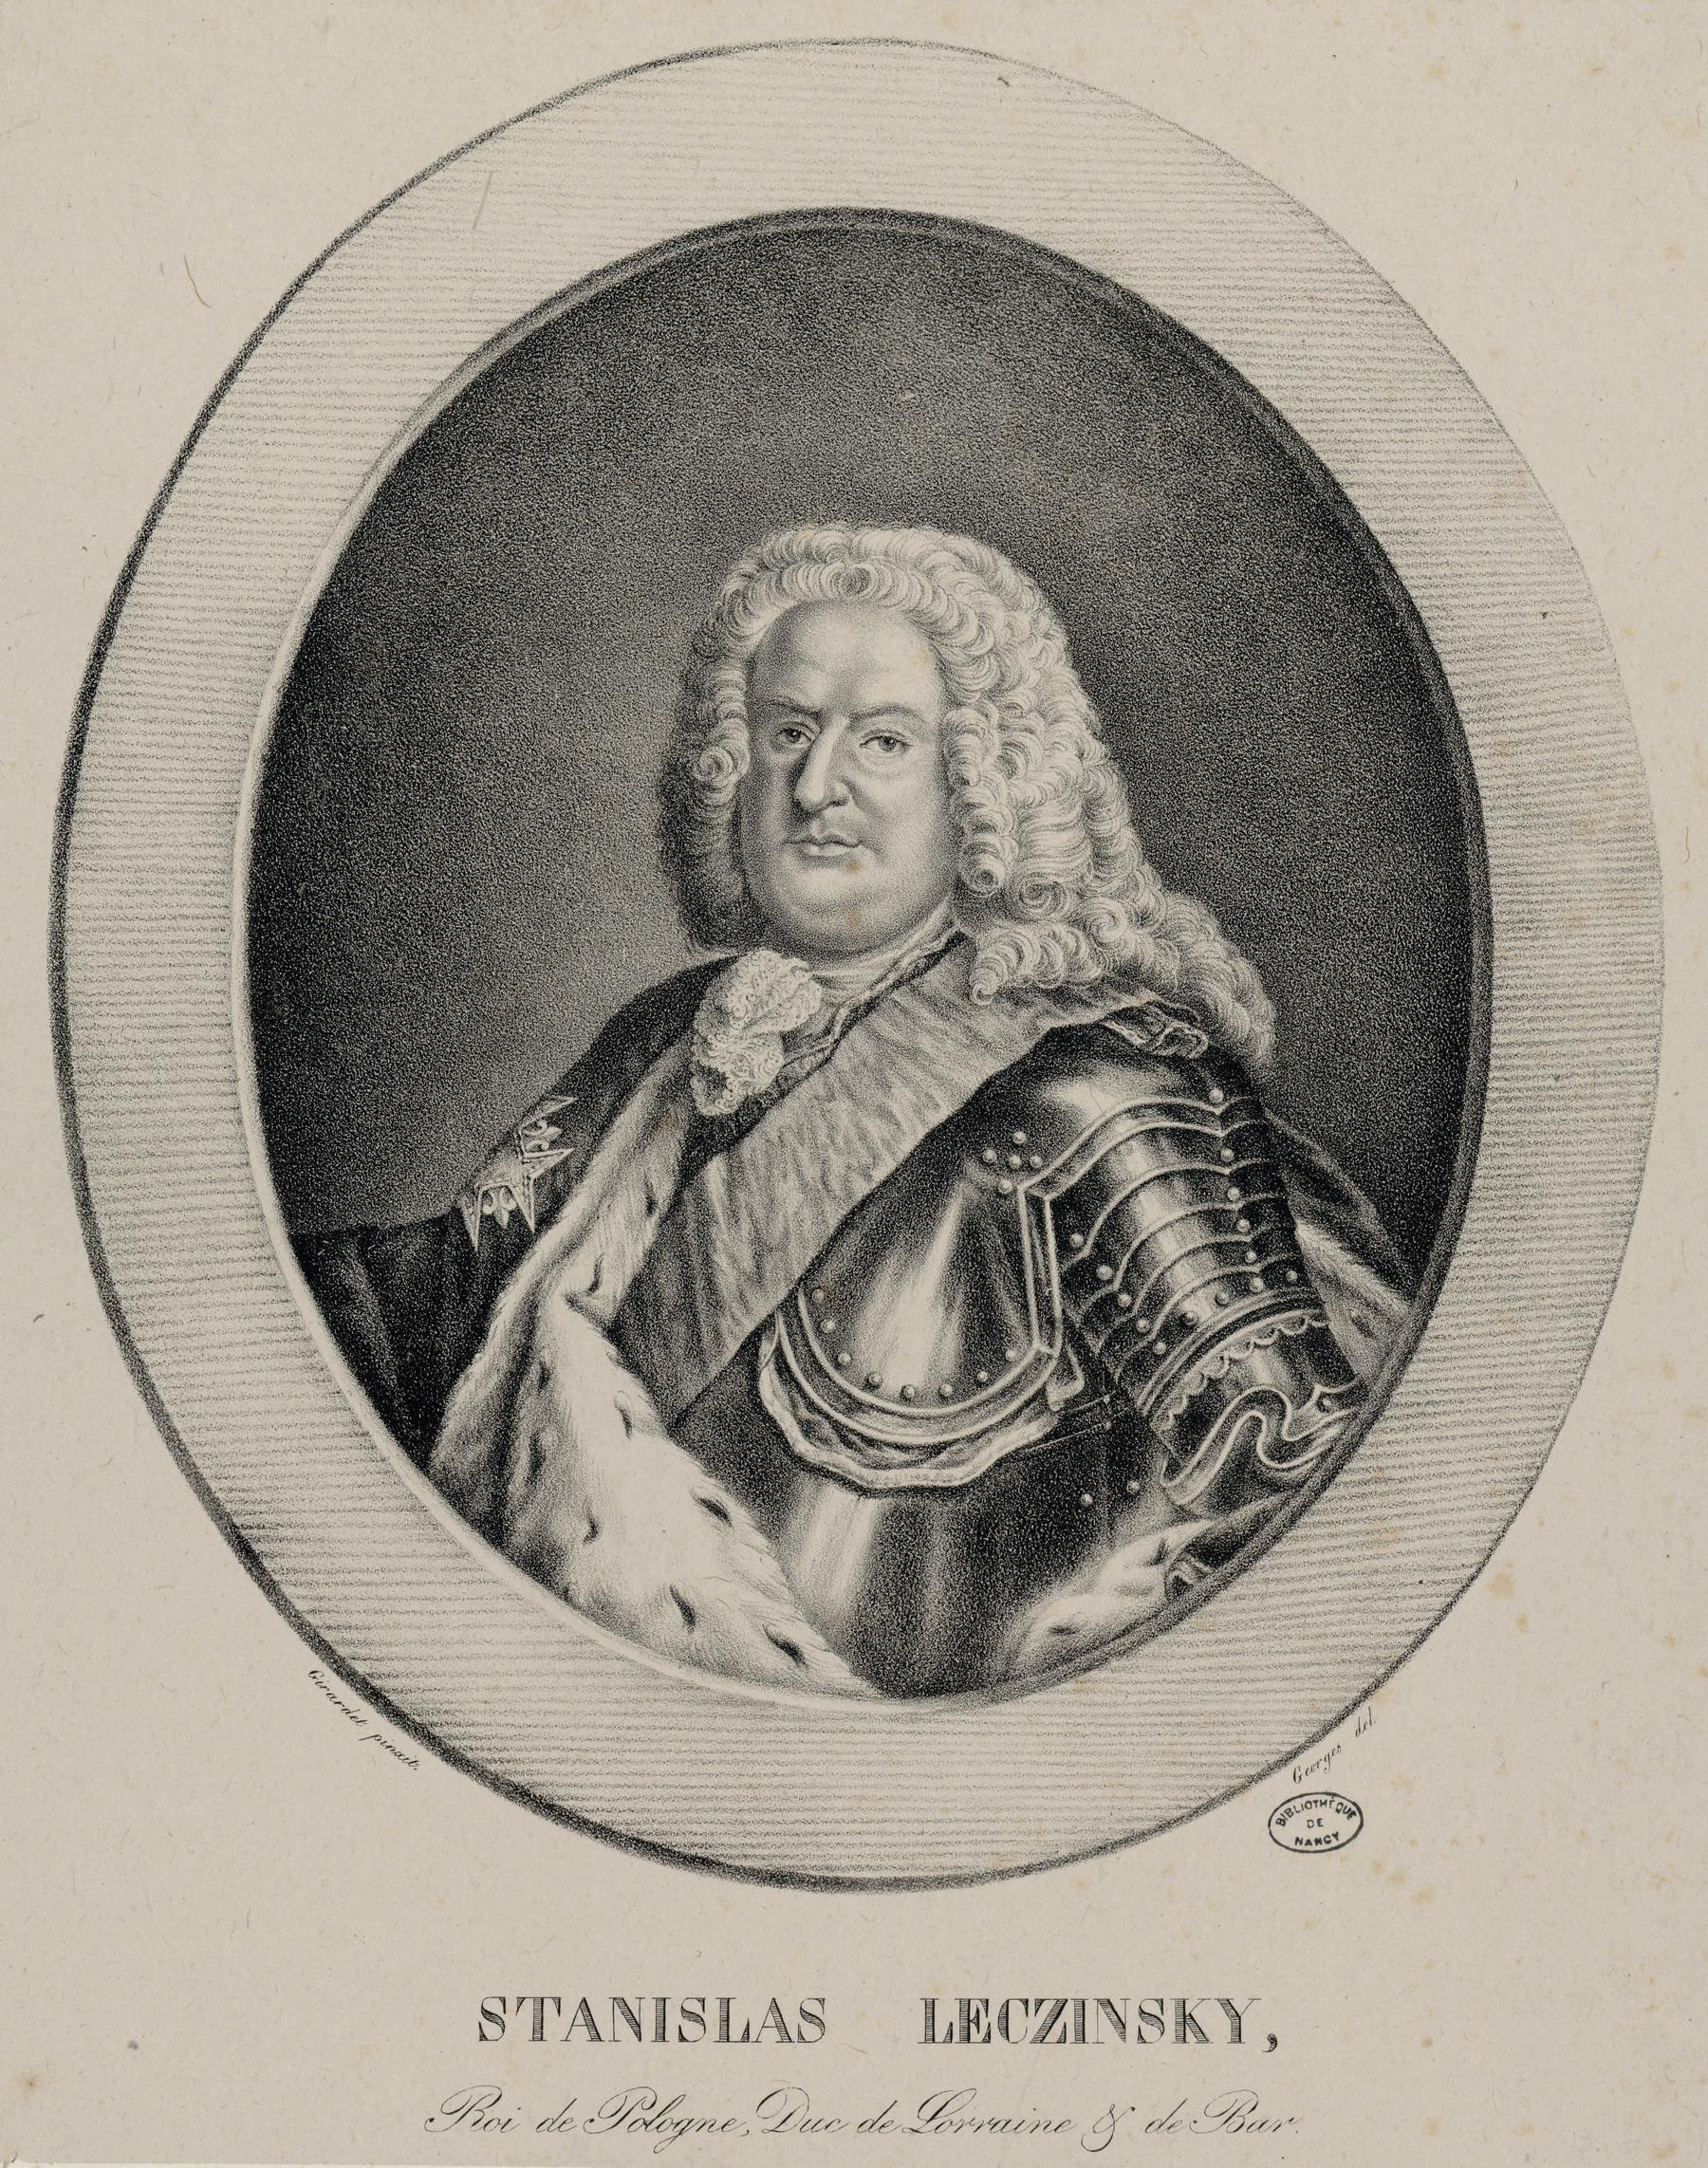 Contenu du Stanislas Leczinsky, Roi de Pologne, Duc de Lorraine et de Bar